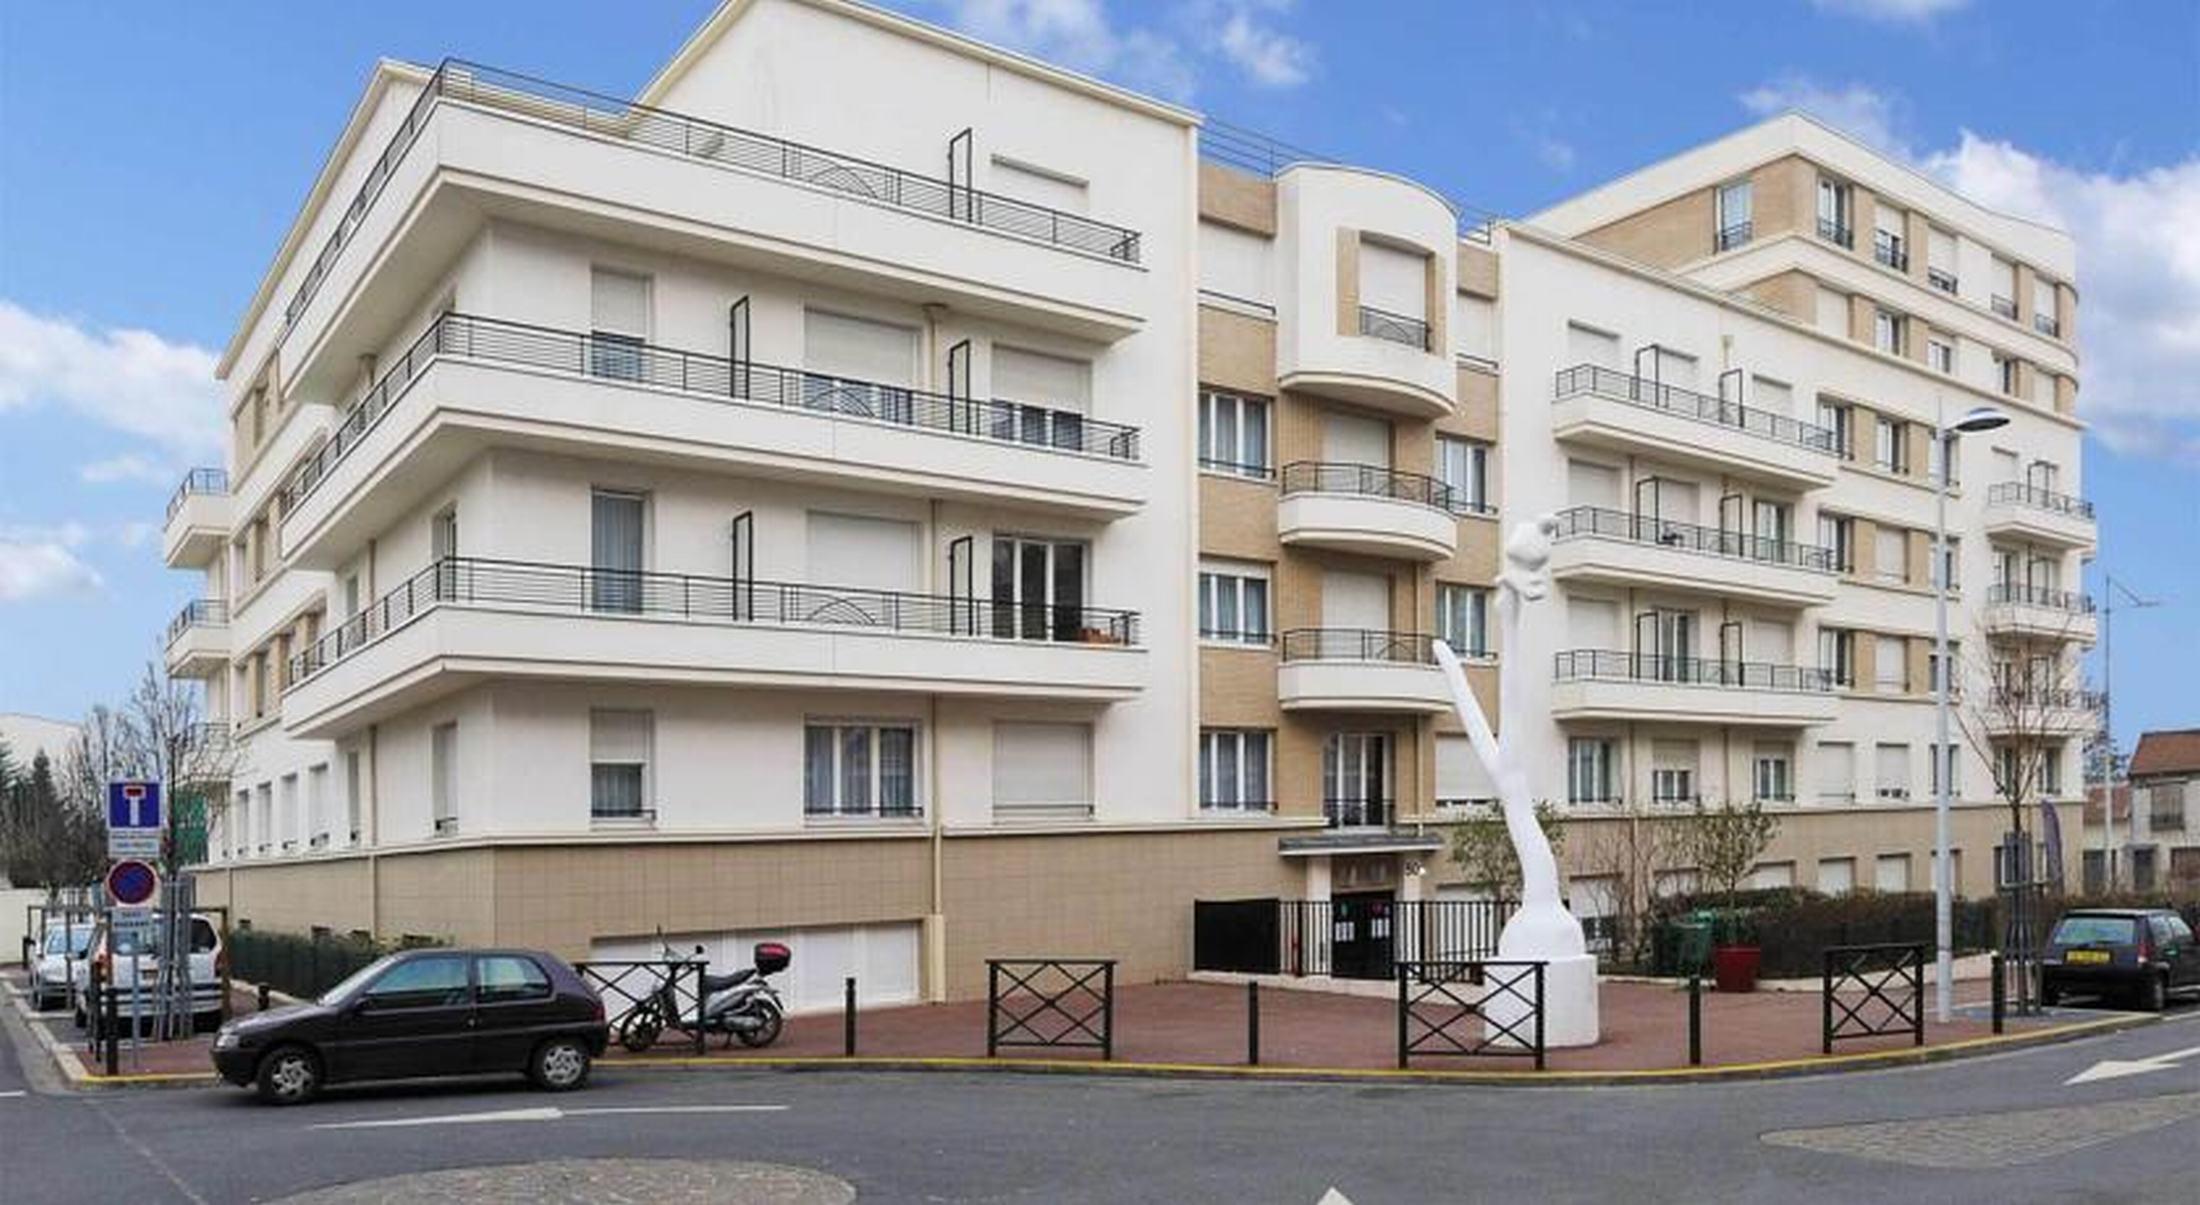 Sejours & Affaires Paris Nanterre, Hauts-de-Seine